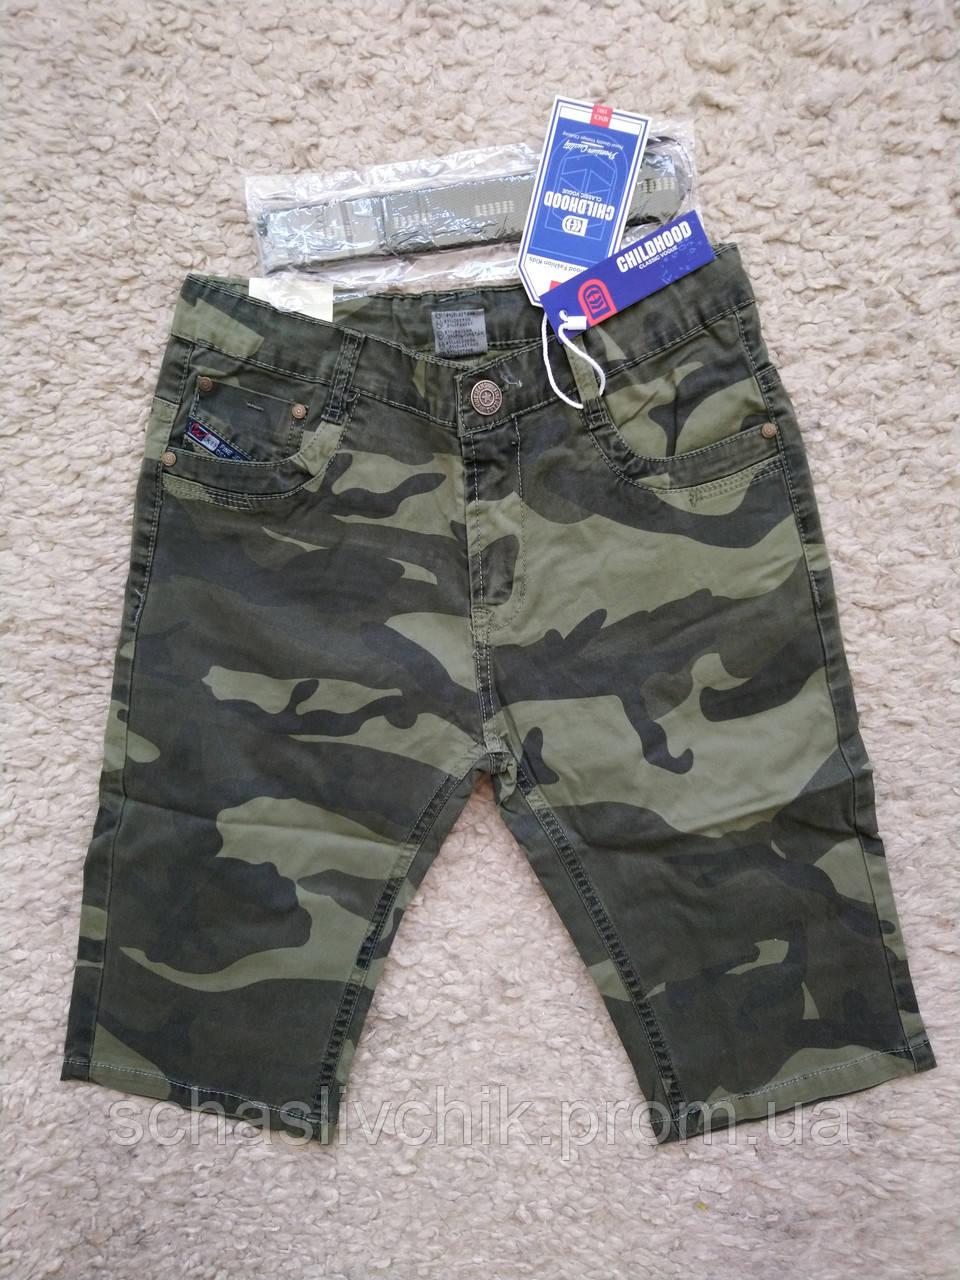 Детские джинсовые бриджи, шорты для мальчиков и девочек, размер 134-164, фирма Childhood